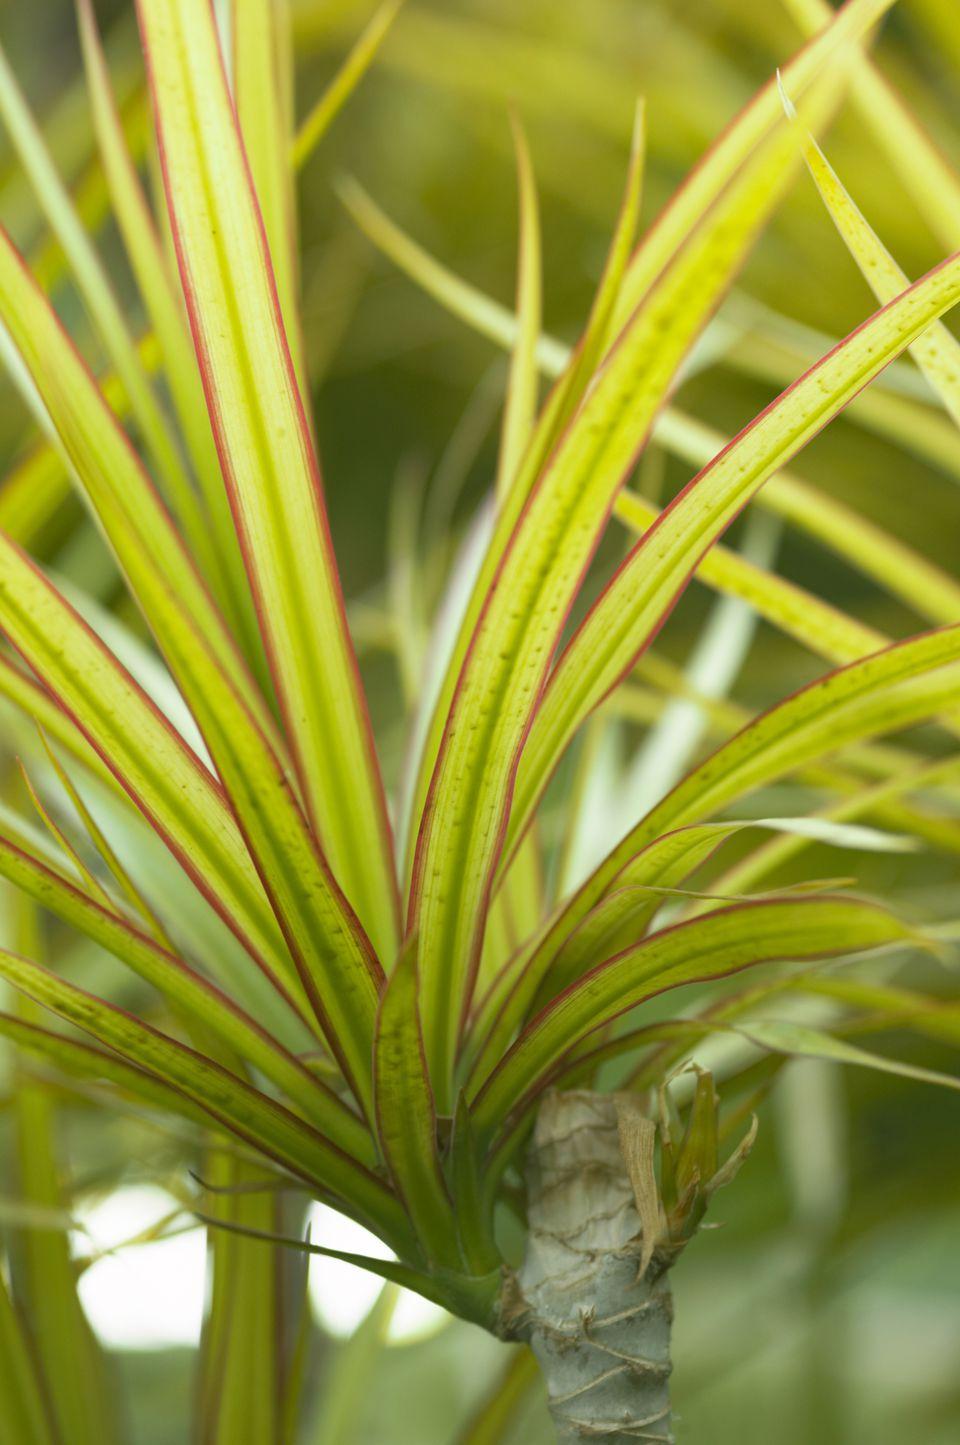 Close-up of Dracaena (Dracaena marginata)